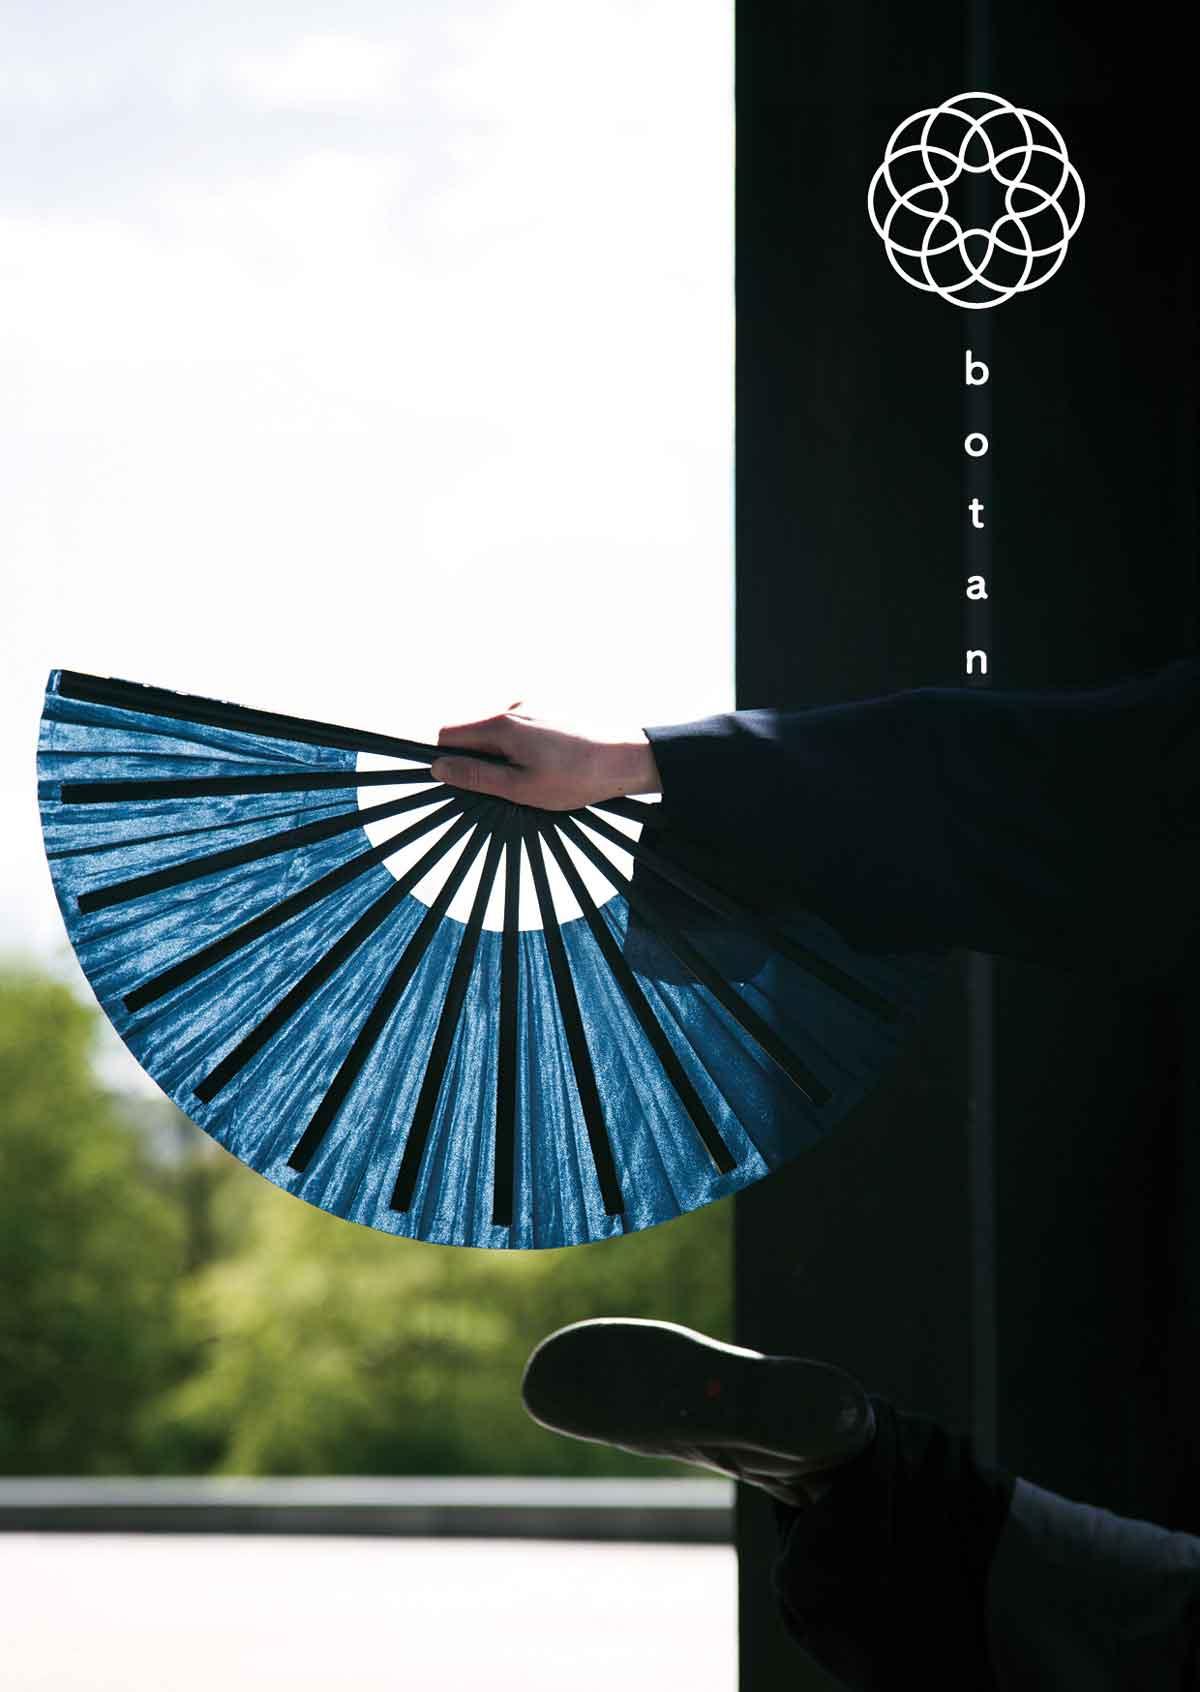 aiüo design botan natsuko mizushima van der ree